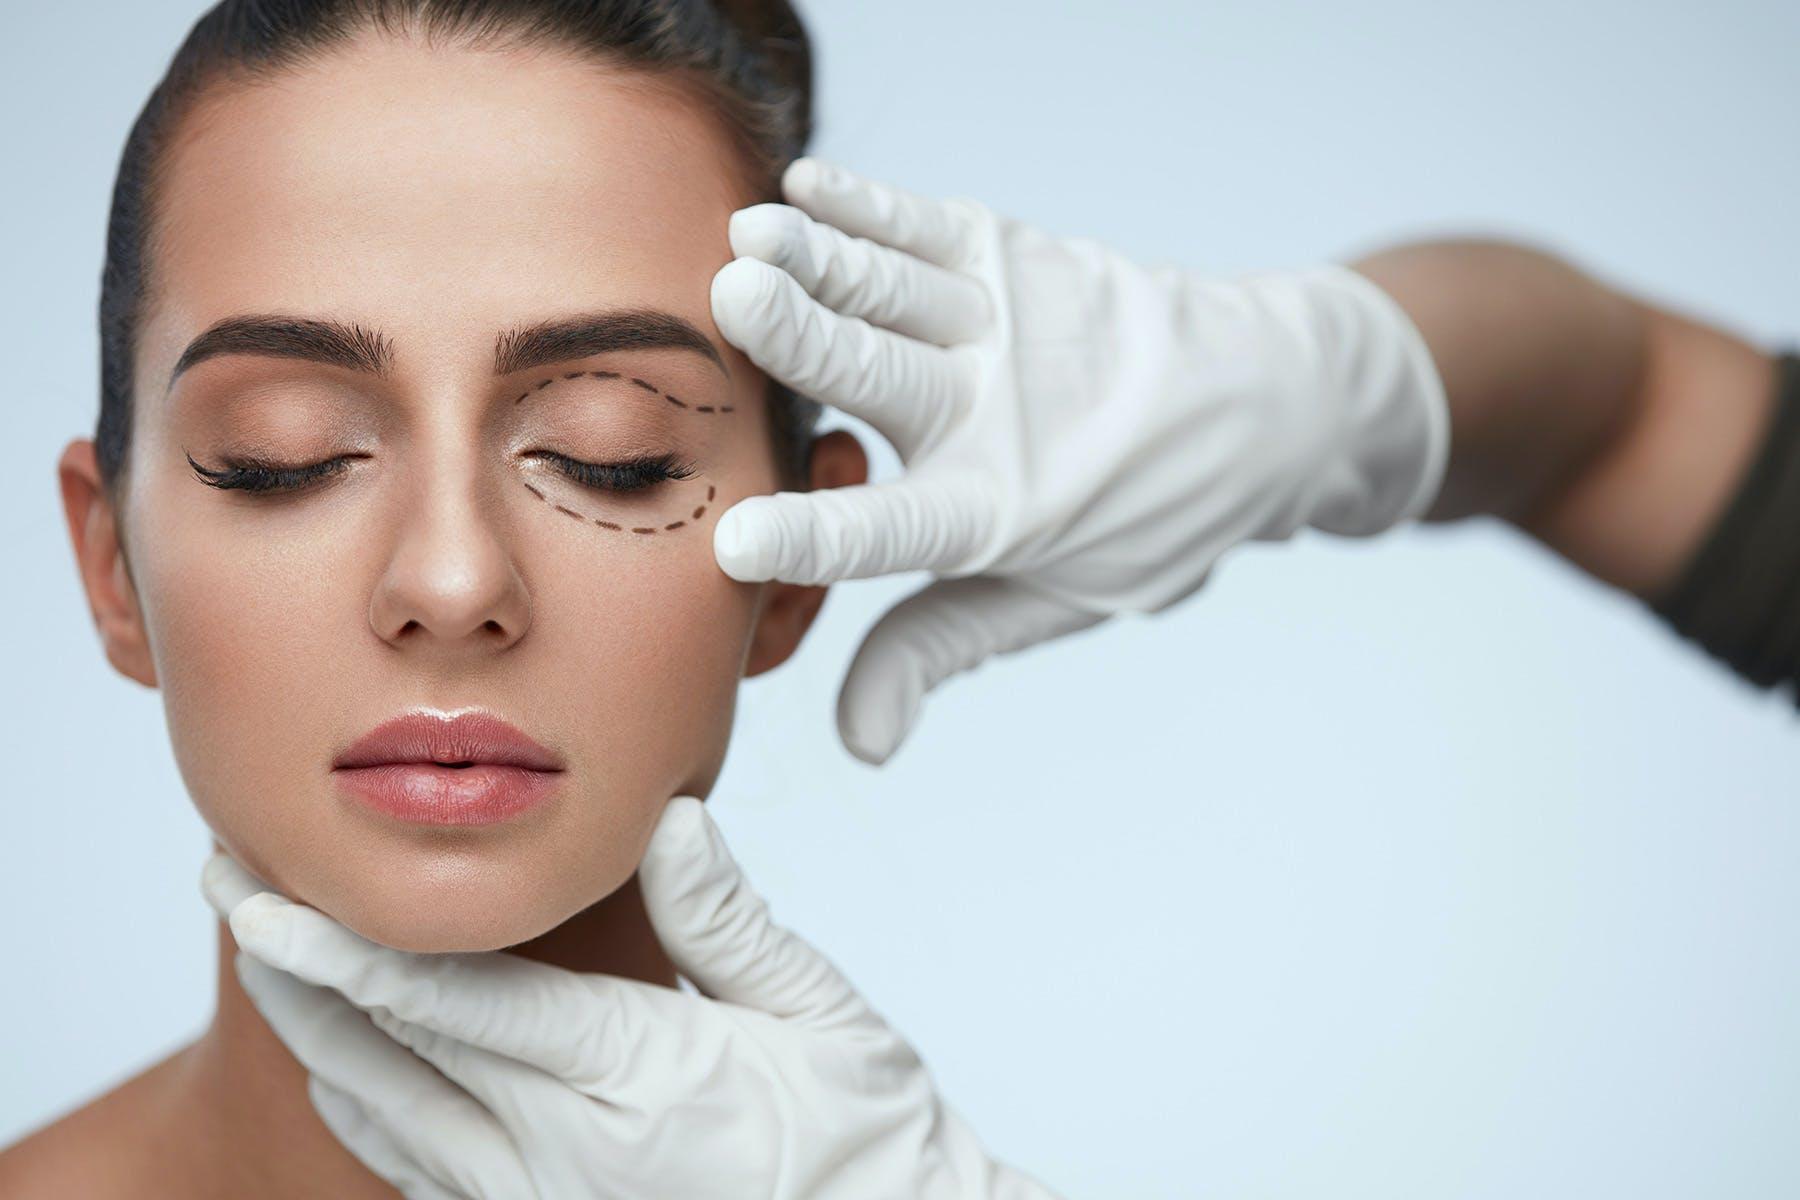 La Guía de la Salud: Sobre cirugías faciales poco invasivas